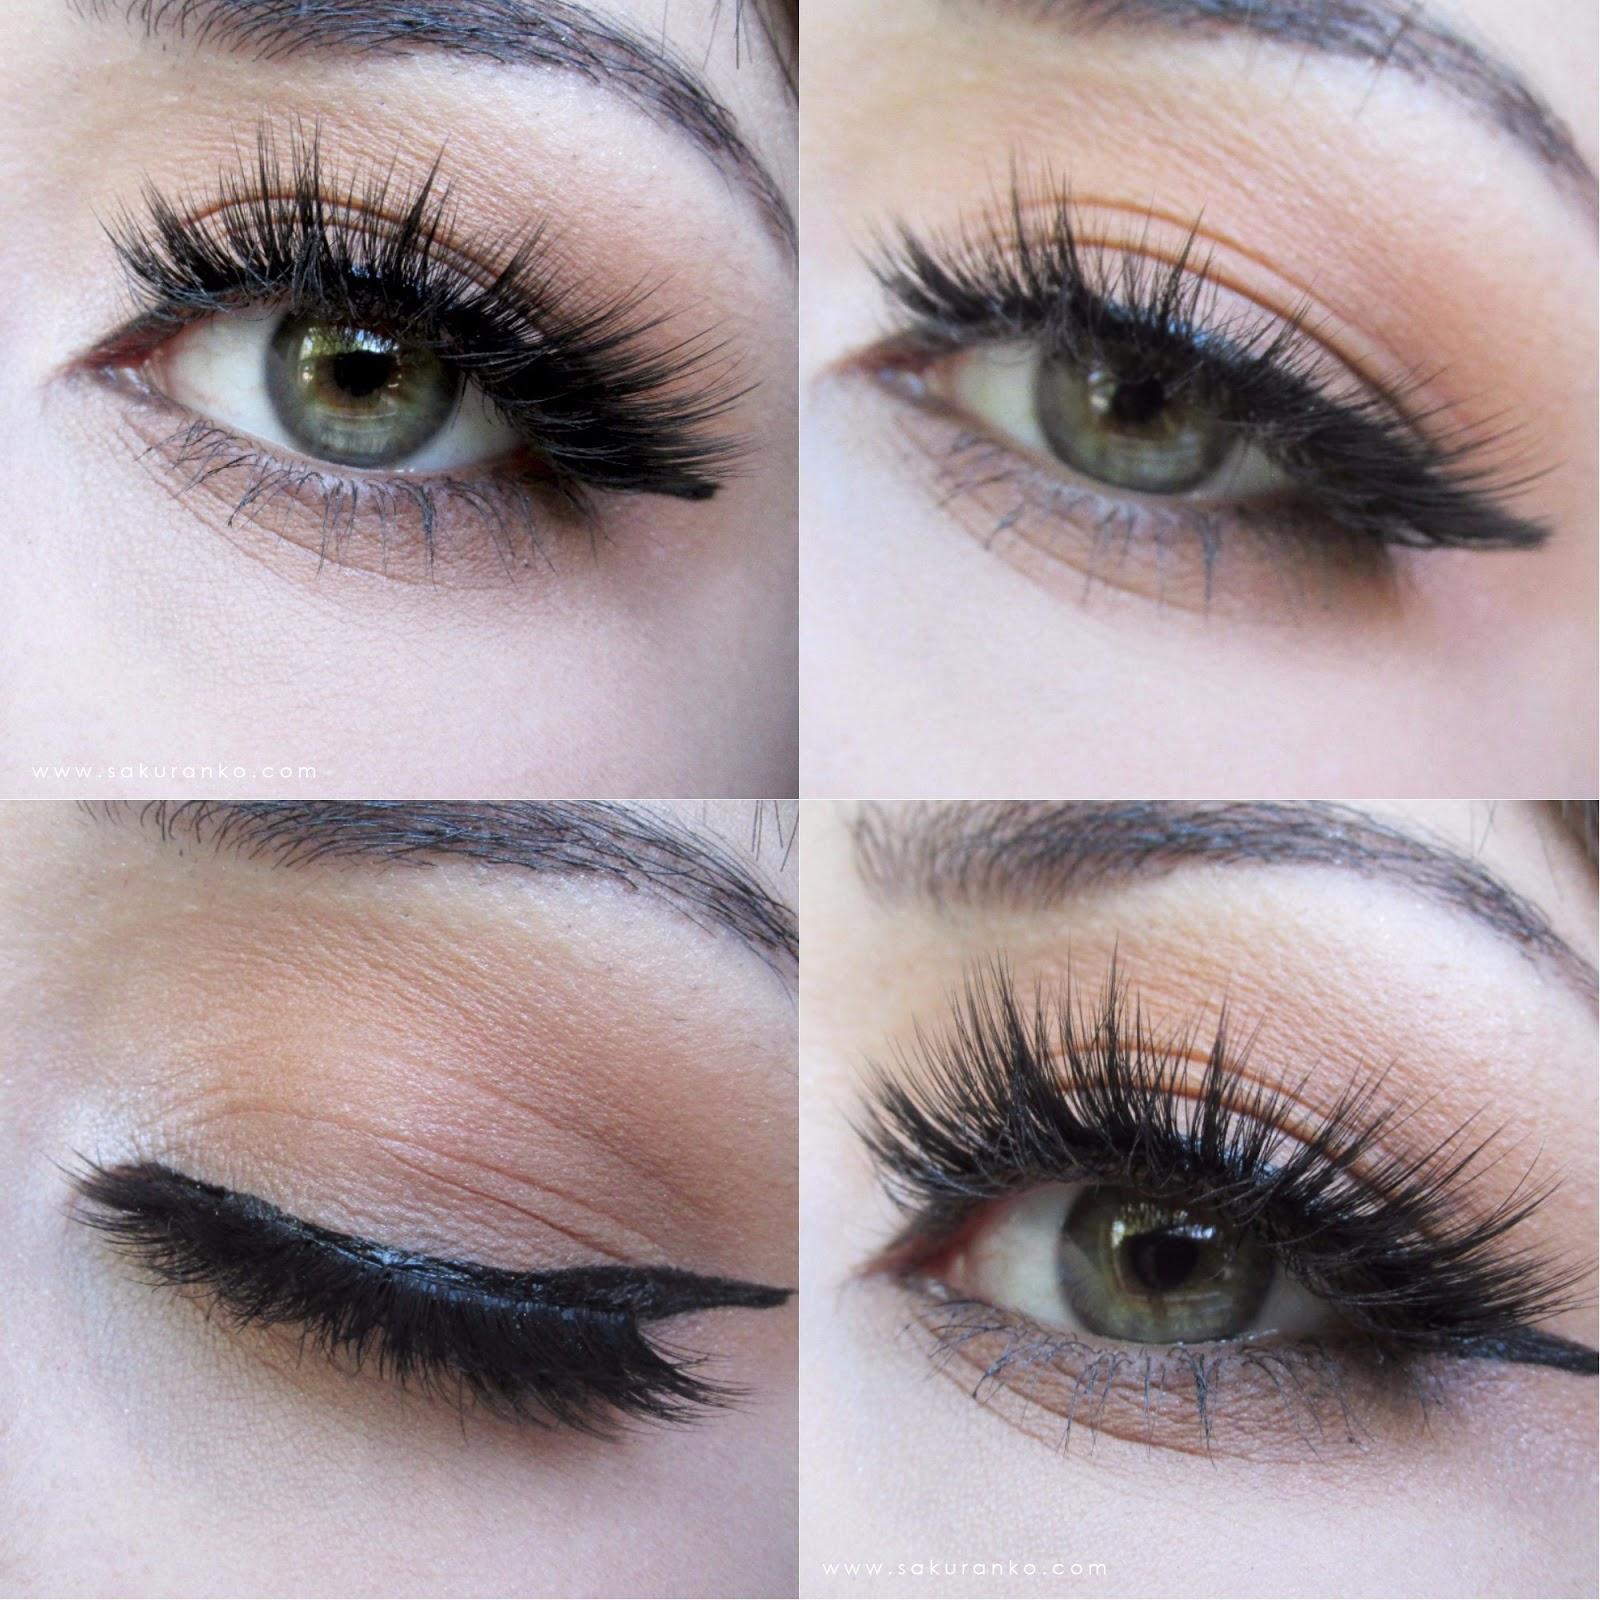 89389157827 Sakuranko: Kiss Lash Couture Faux Mink Collection - Gala Eyelashes